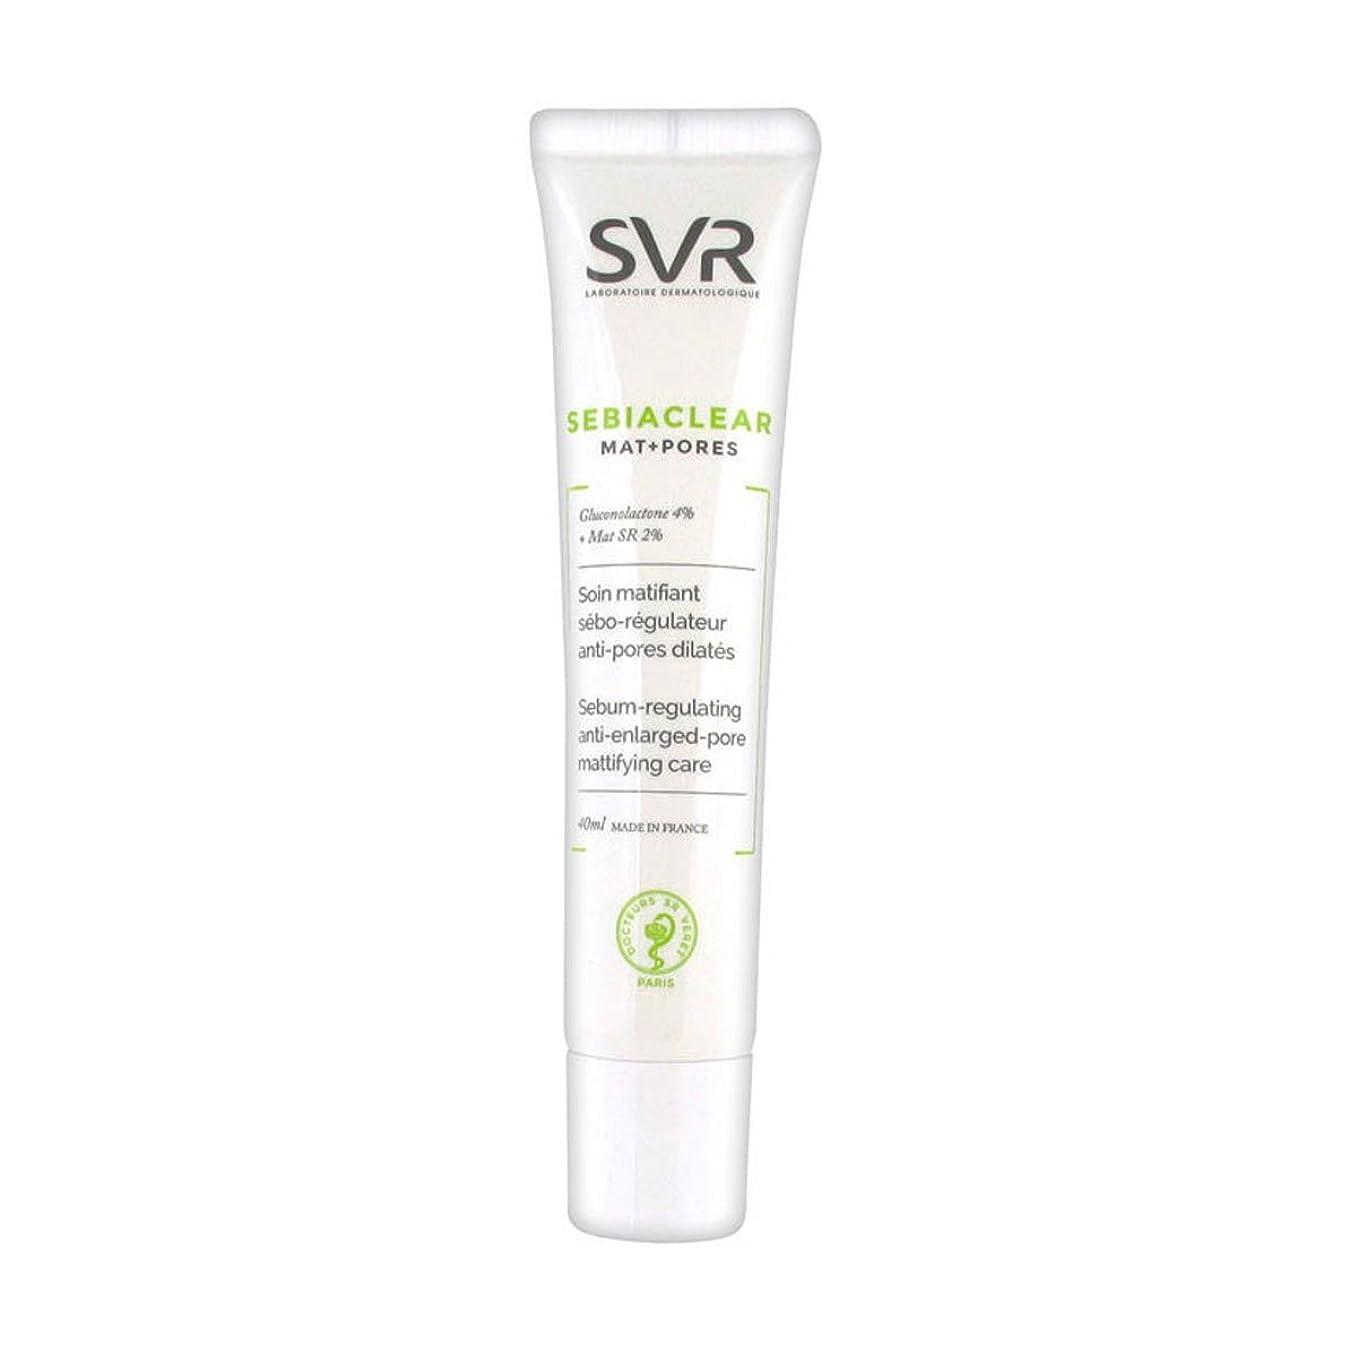 病気組み込む媒染剤Svr Sebiaclear Mat+pores 40ml [並行輸入品]